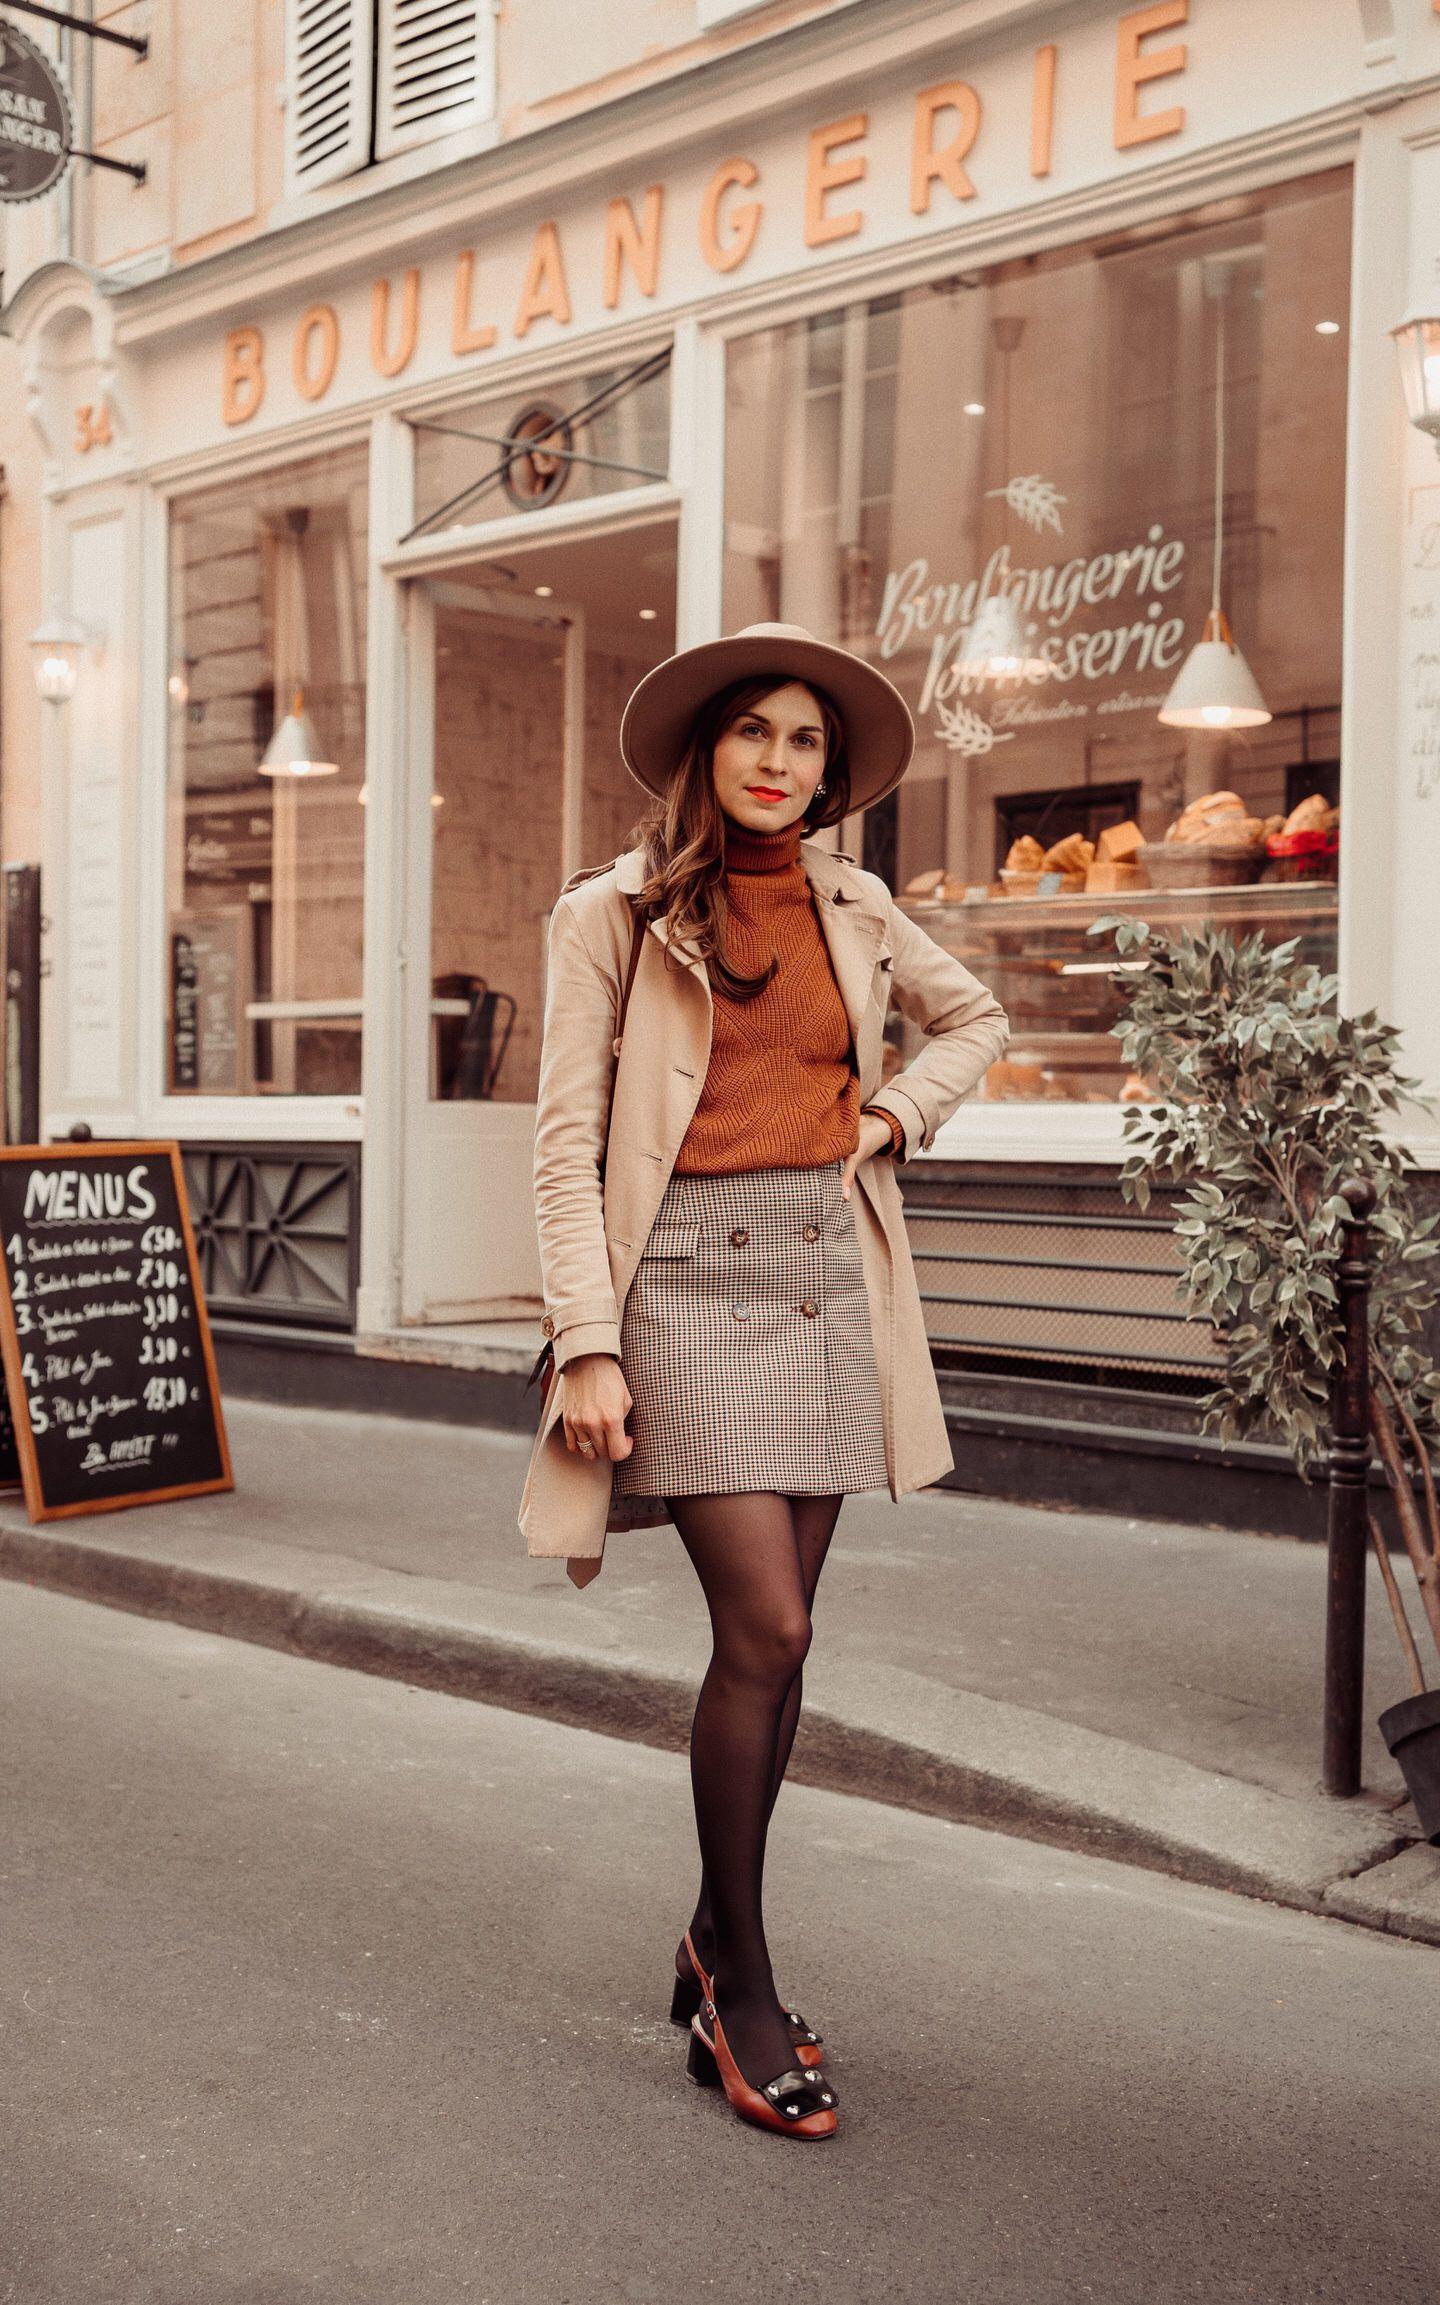 Comment je porte la slingback en automne sans avoir froid #mode